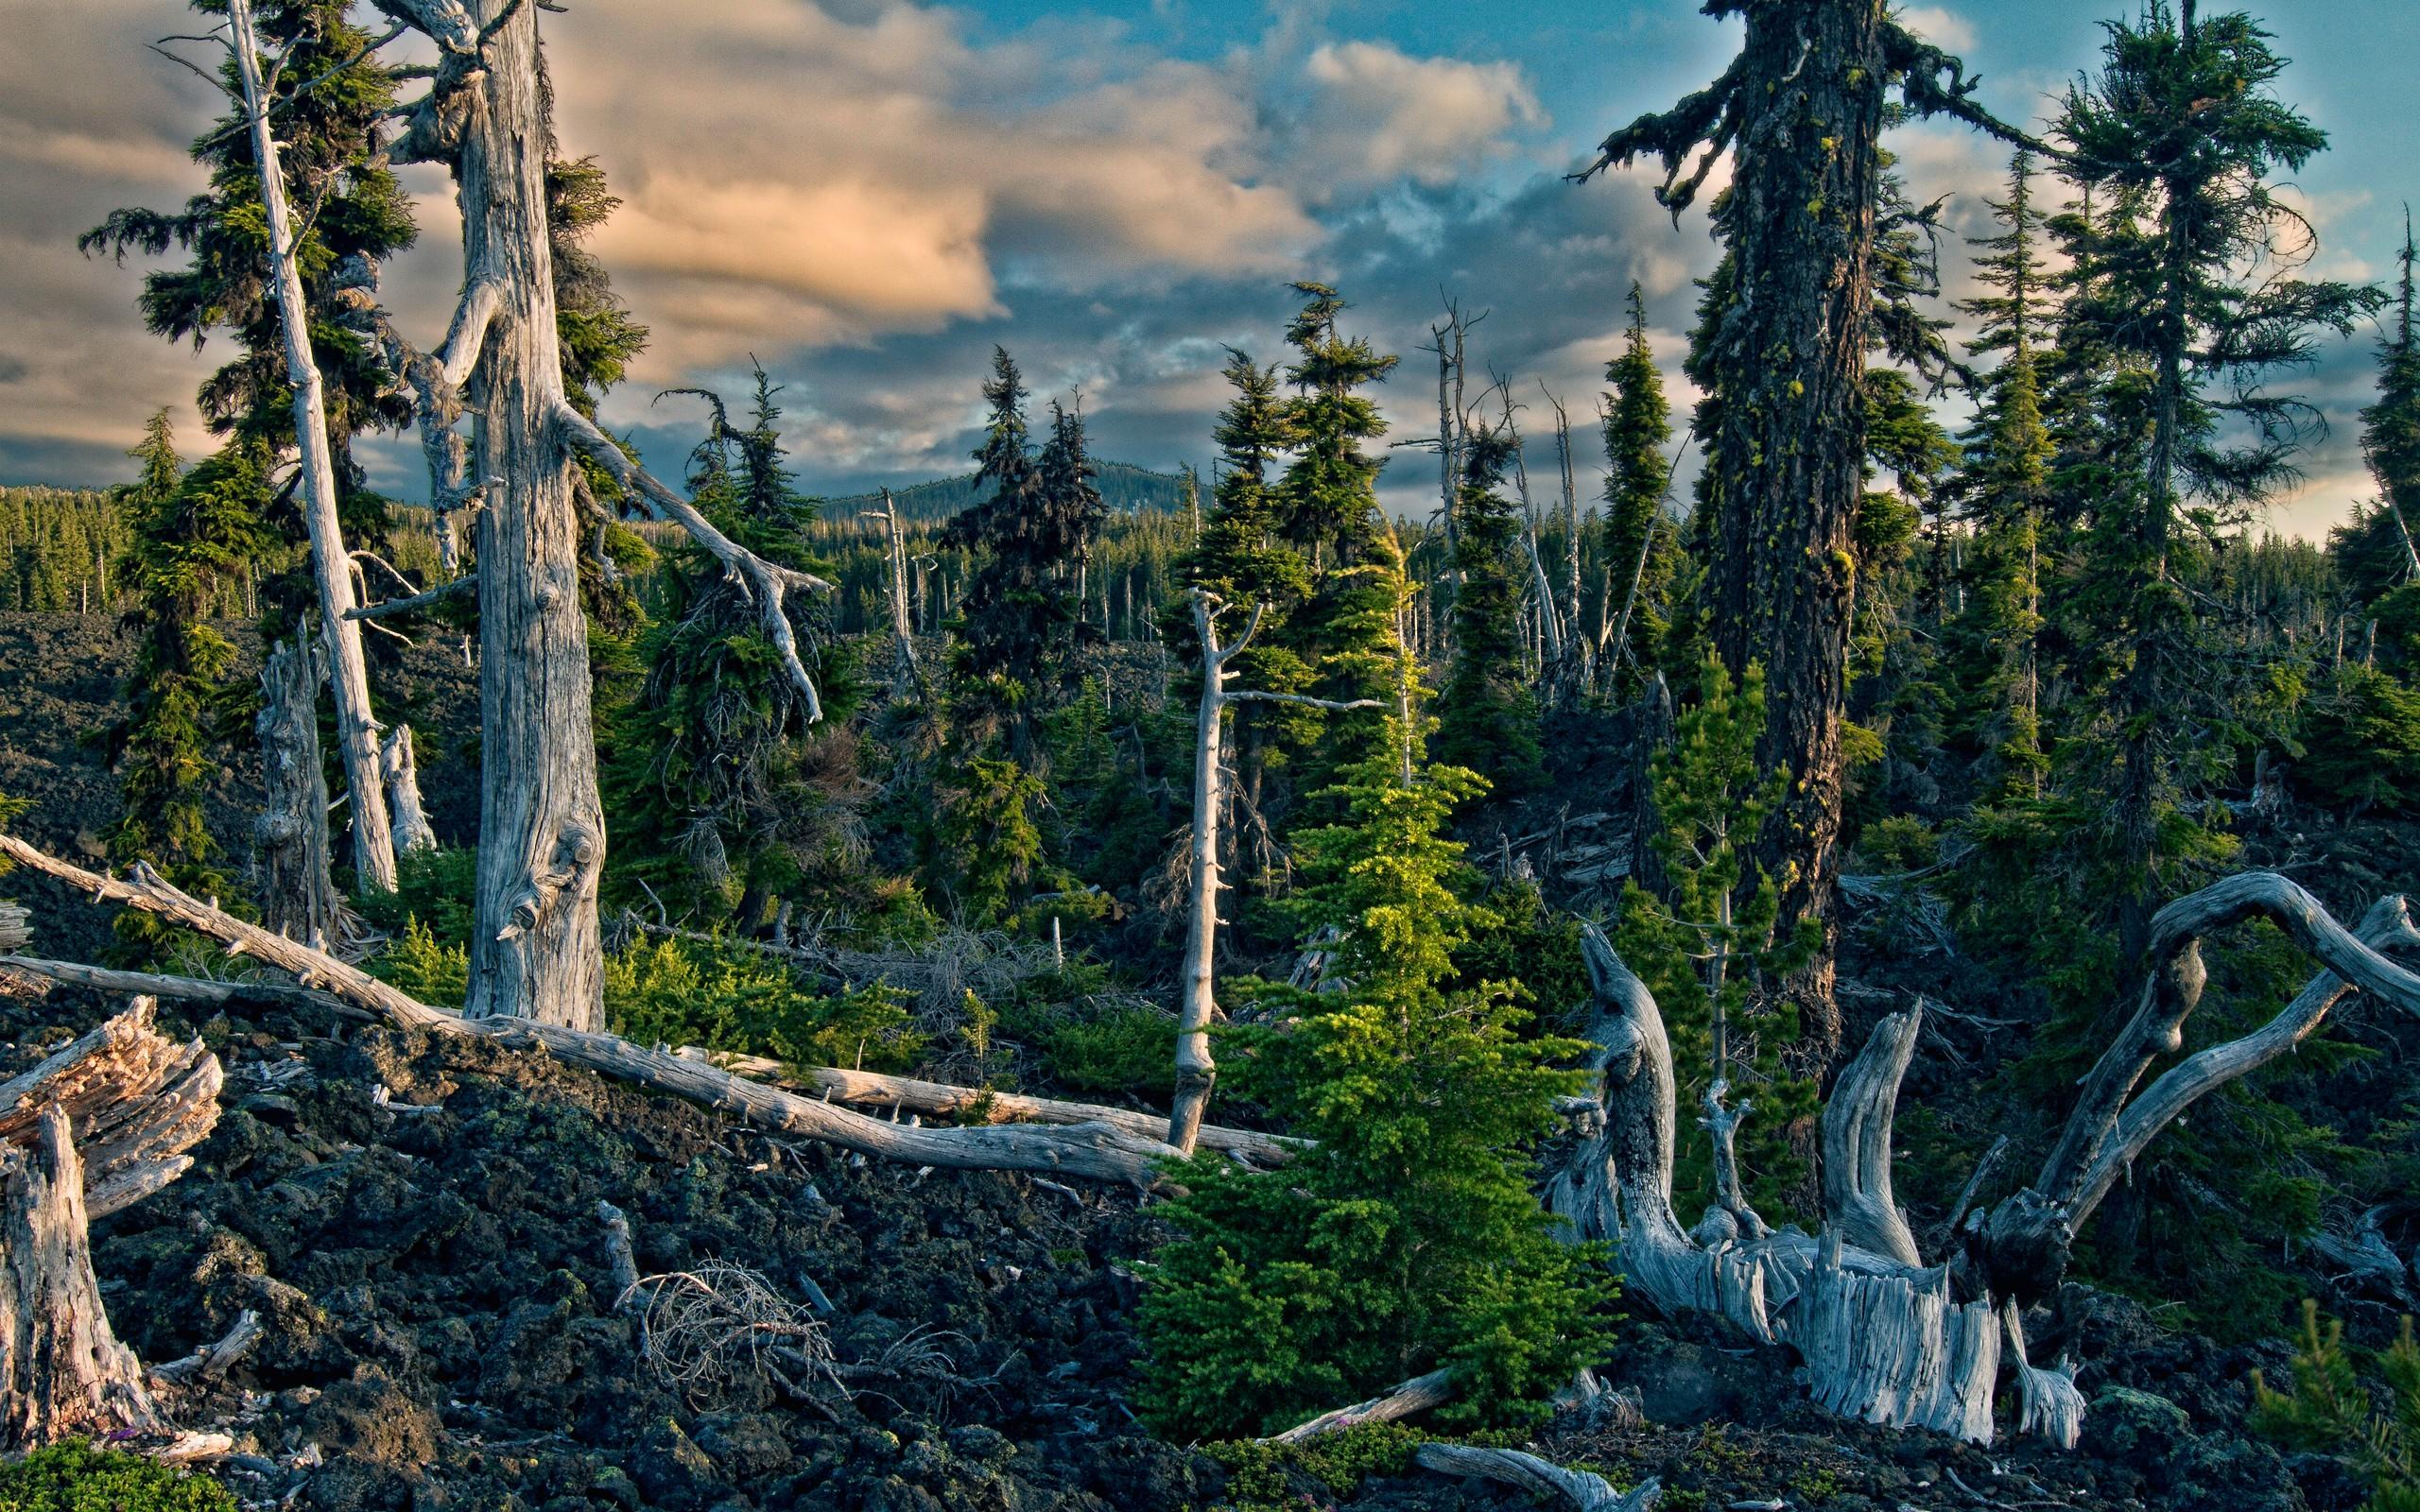 природа лес деревья ели гора облака небо  № 2757438 загрузить